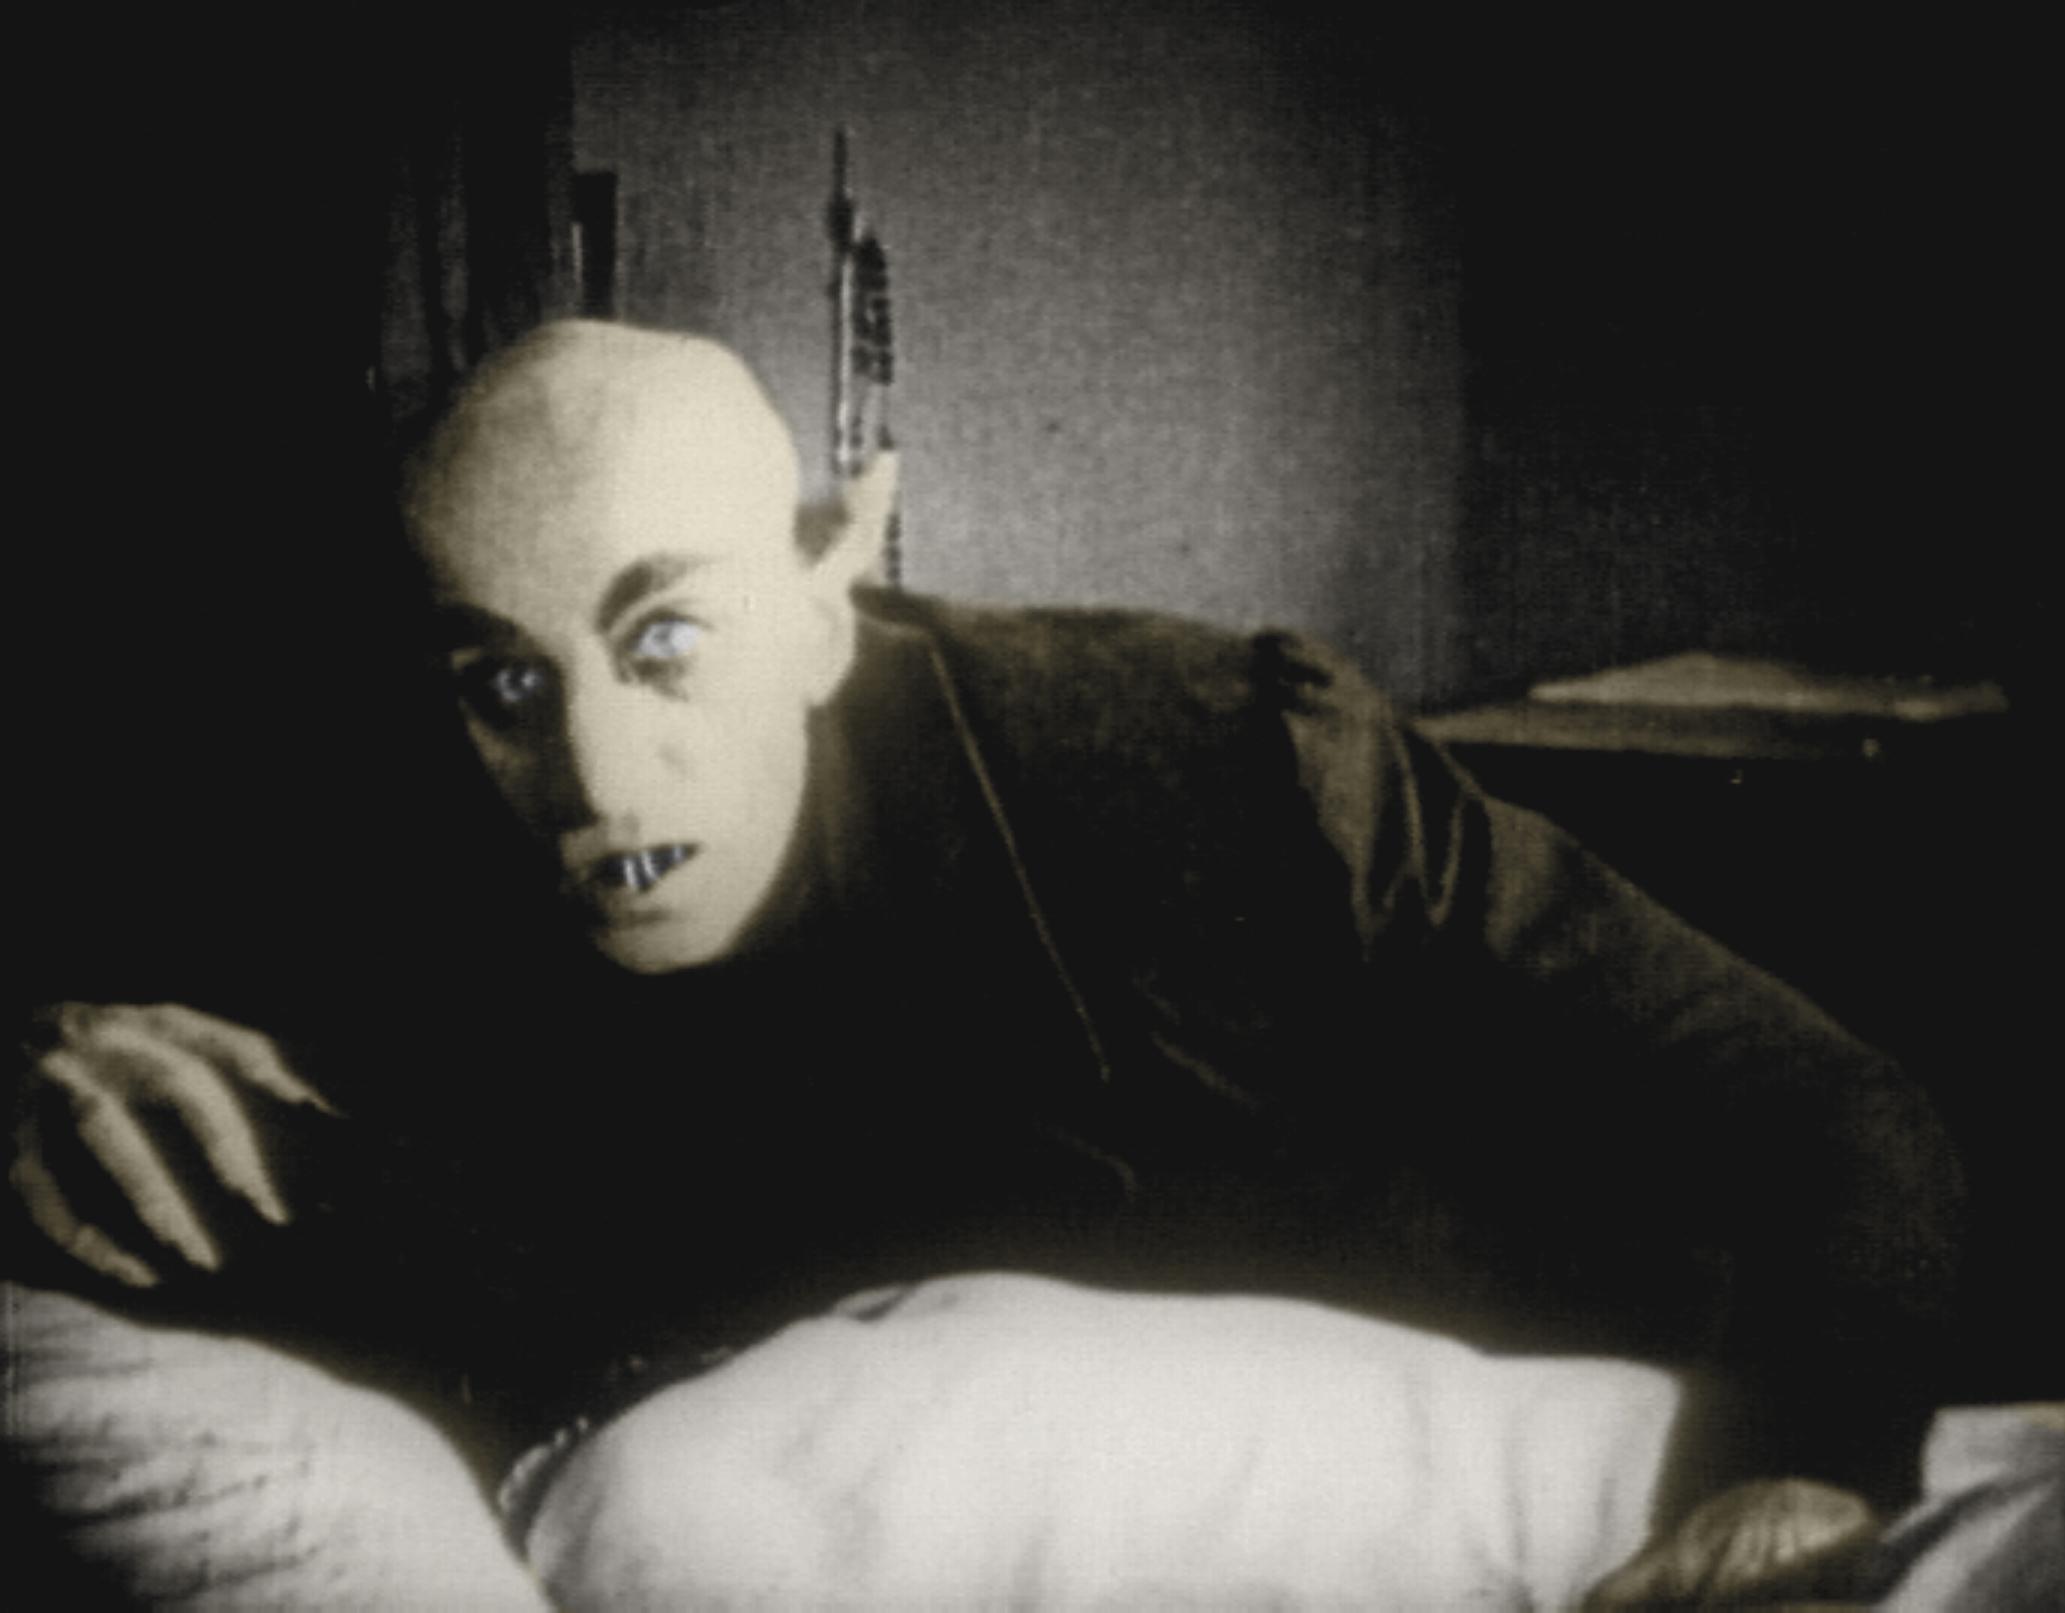 Max Schreck y Nosferatu, ¿El primer vampiro cinematográfico fué